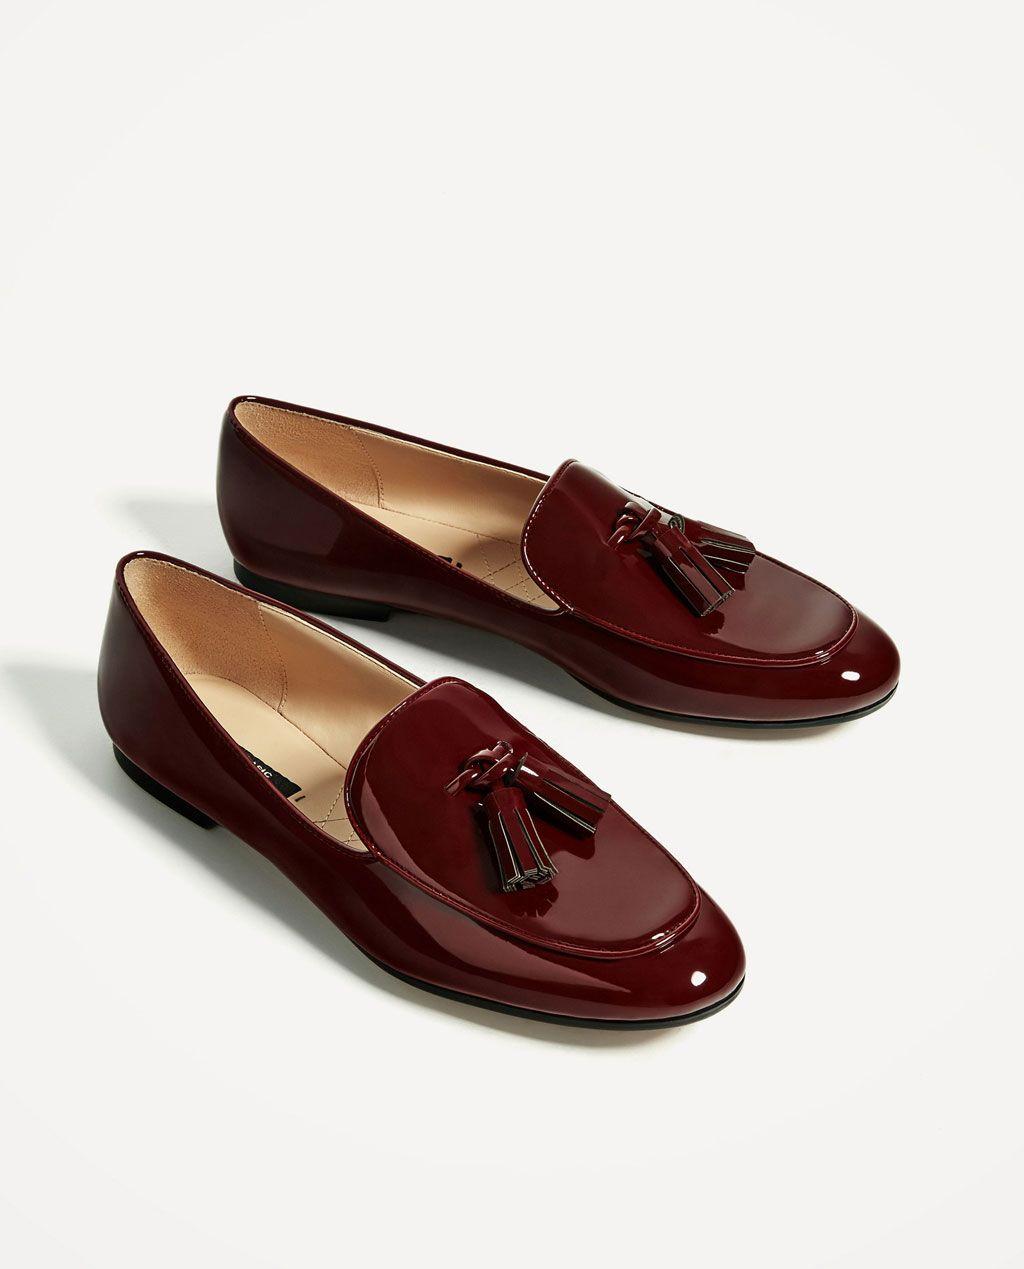 BorlasCarteras Y Mocasín Zapatos Y BorlasCarteras Mocasín WE2ID9H